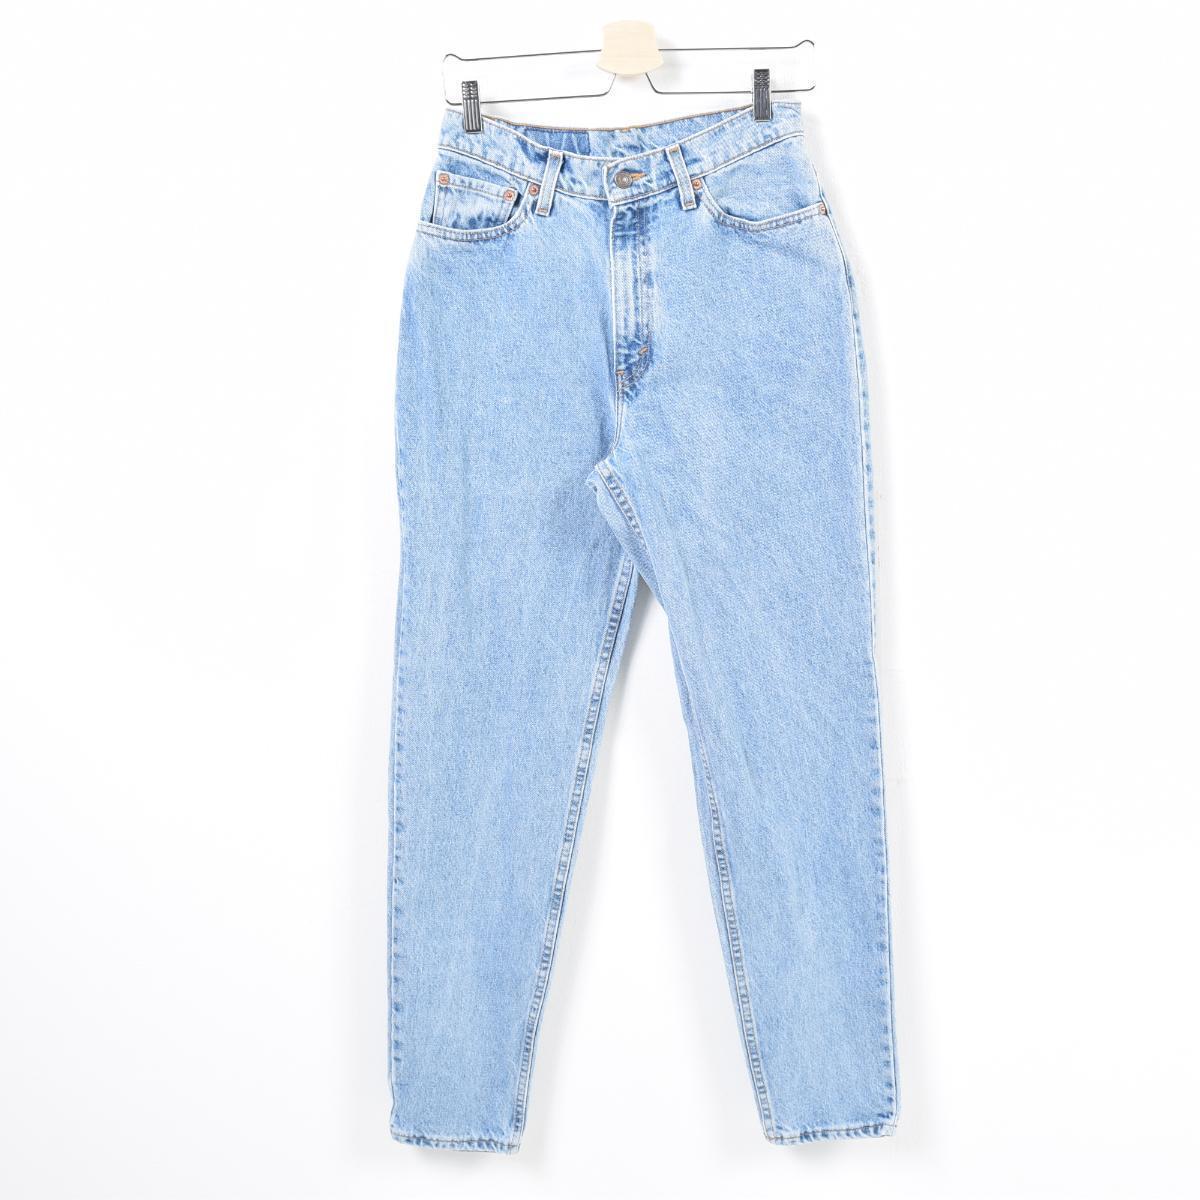 092d89d630c Men w30 /wam5069 made in Levis Levi's 512 SLIM FIT TAPERED LEG jeans denim  underwear ...